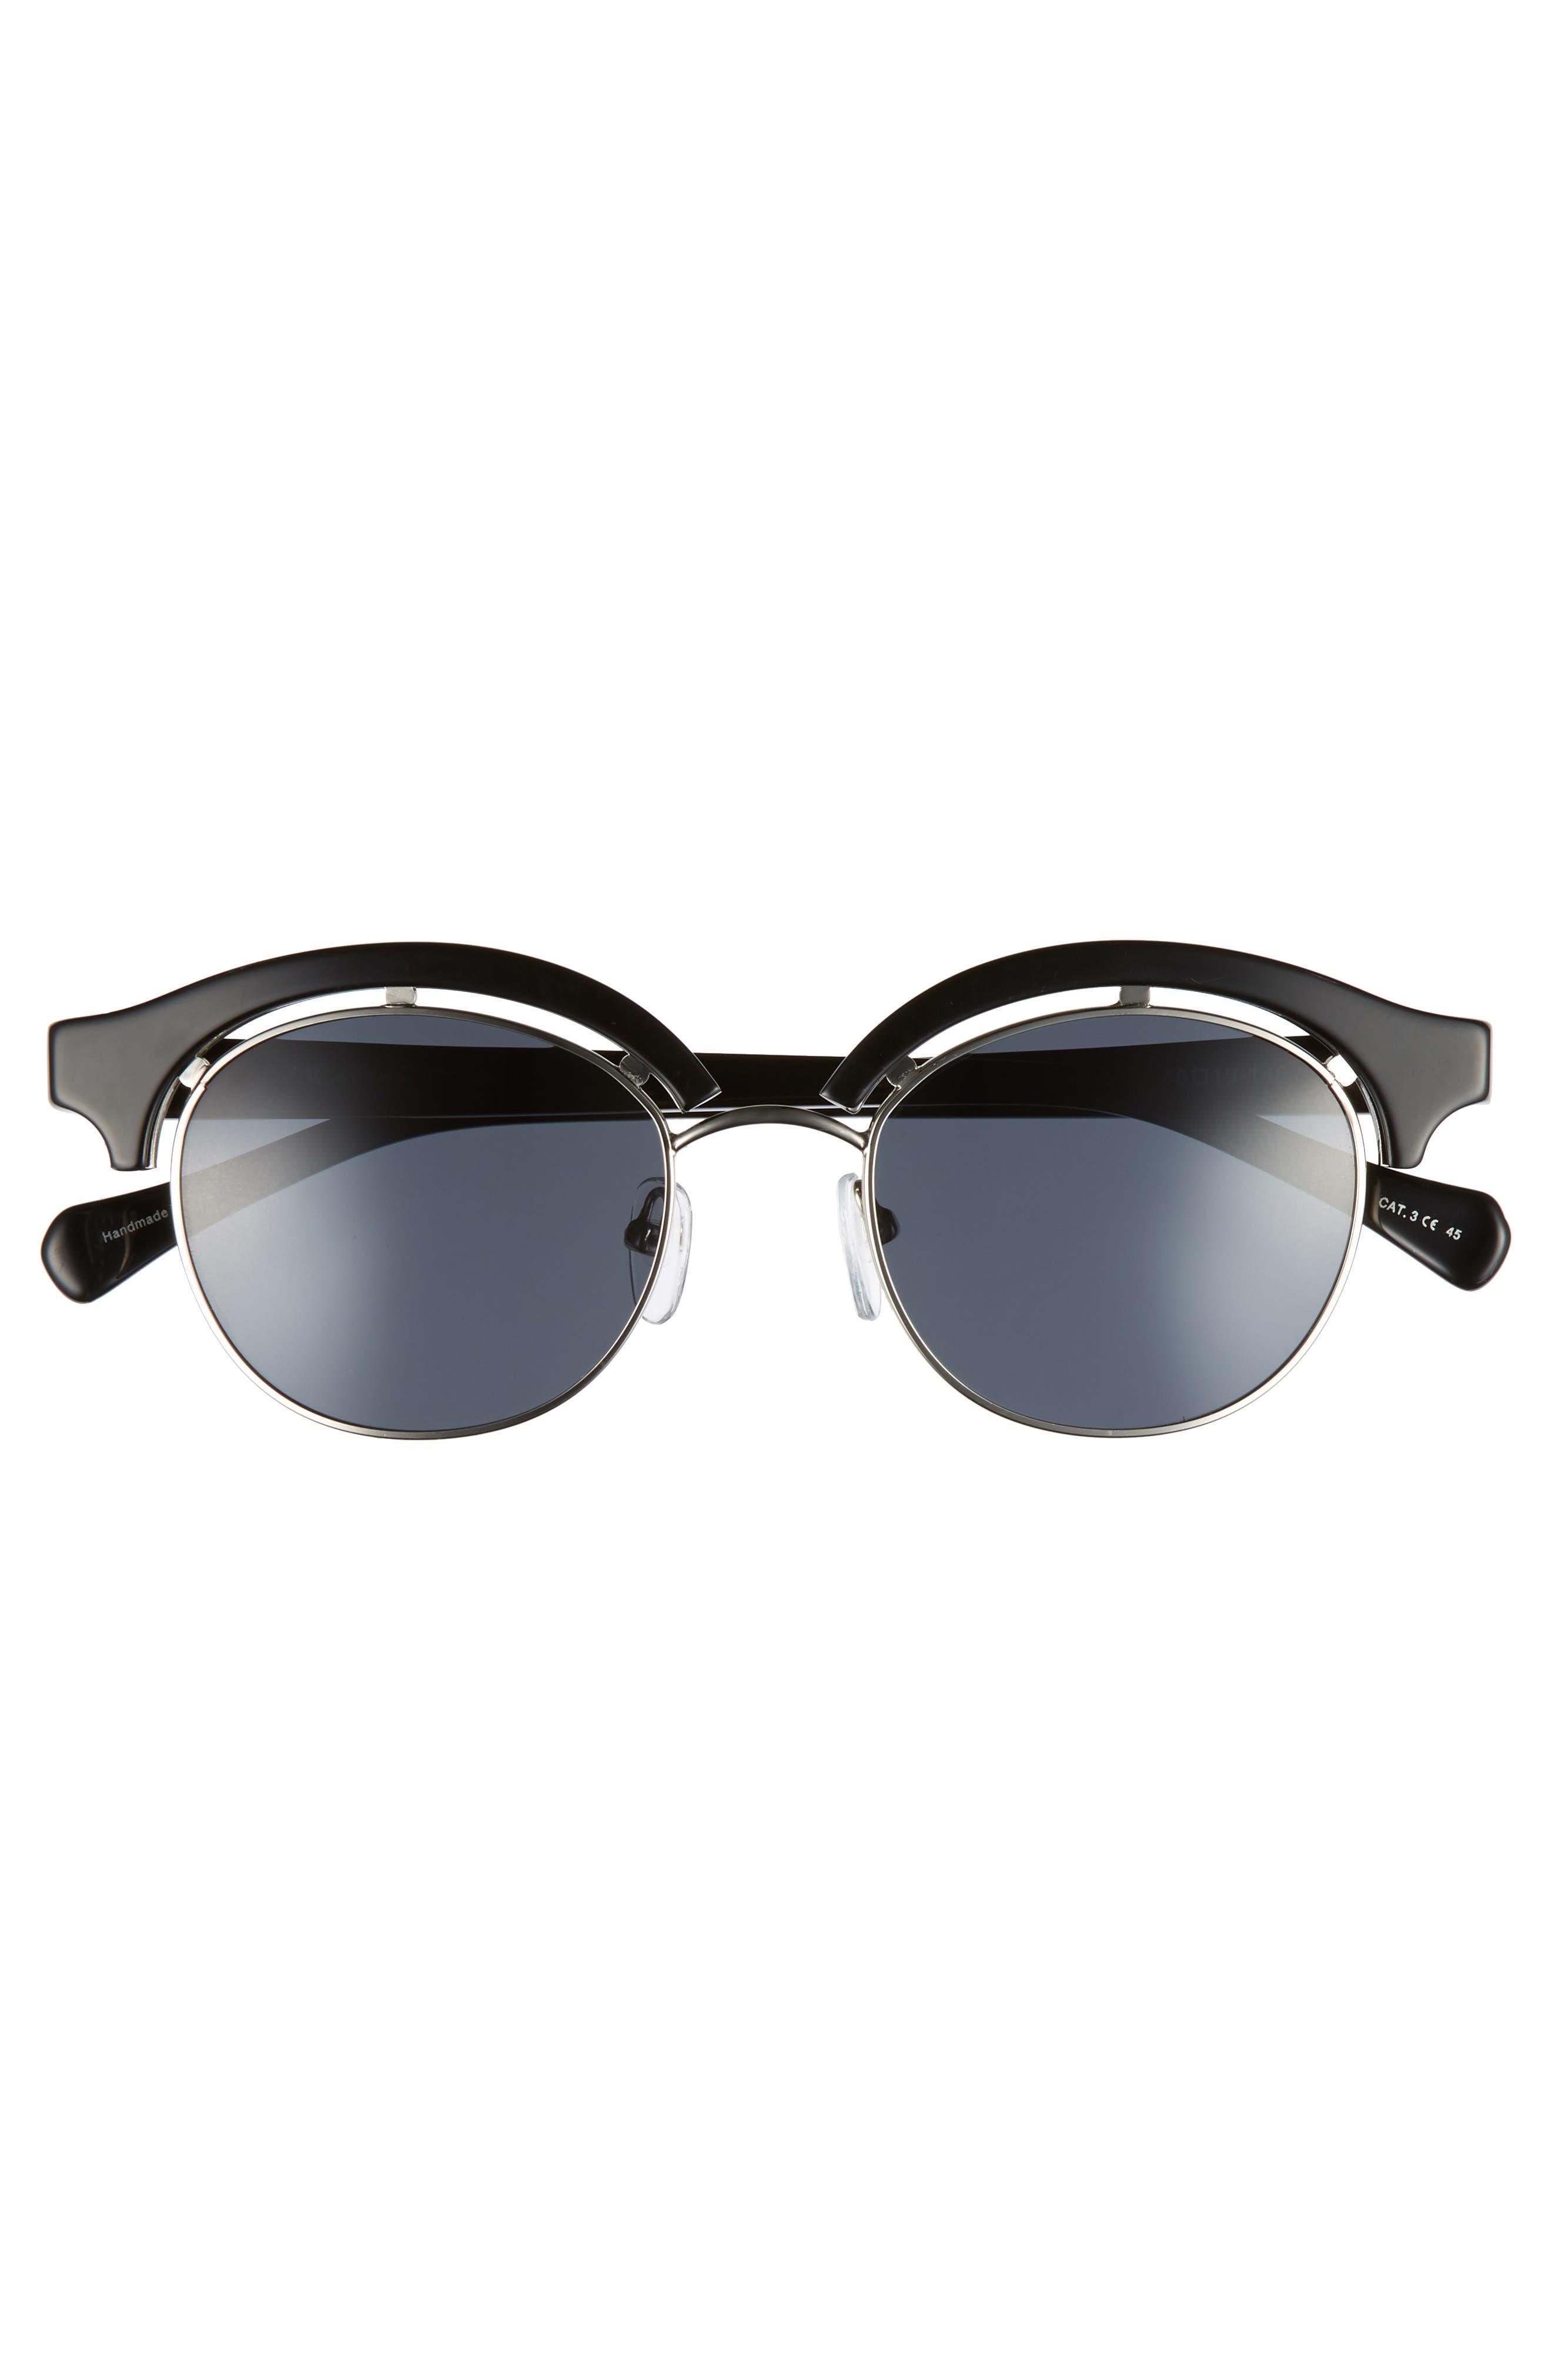 Pomona 48mm Polarized Sunglasses,                             Alternate thumbnail 3, color,                             BLACK POLAR